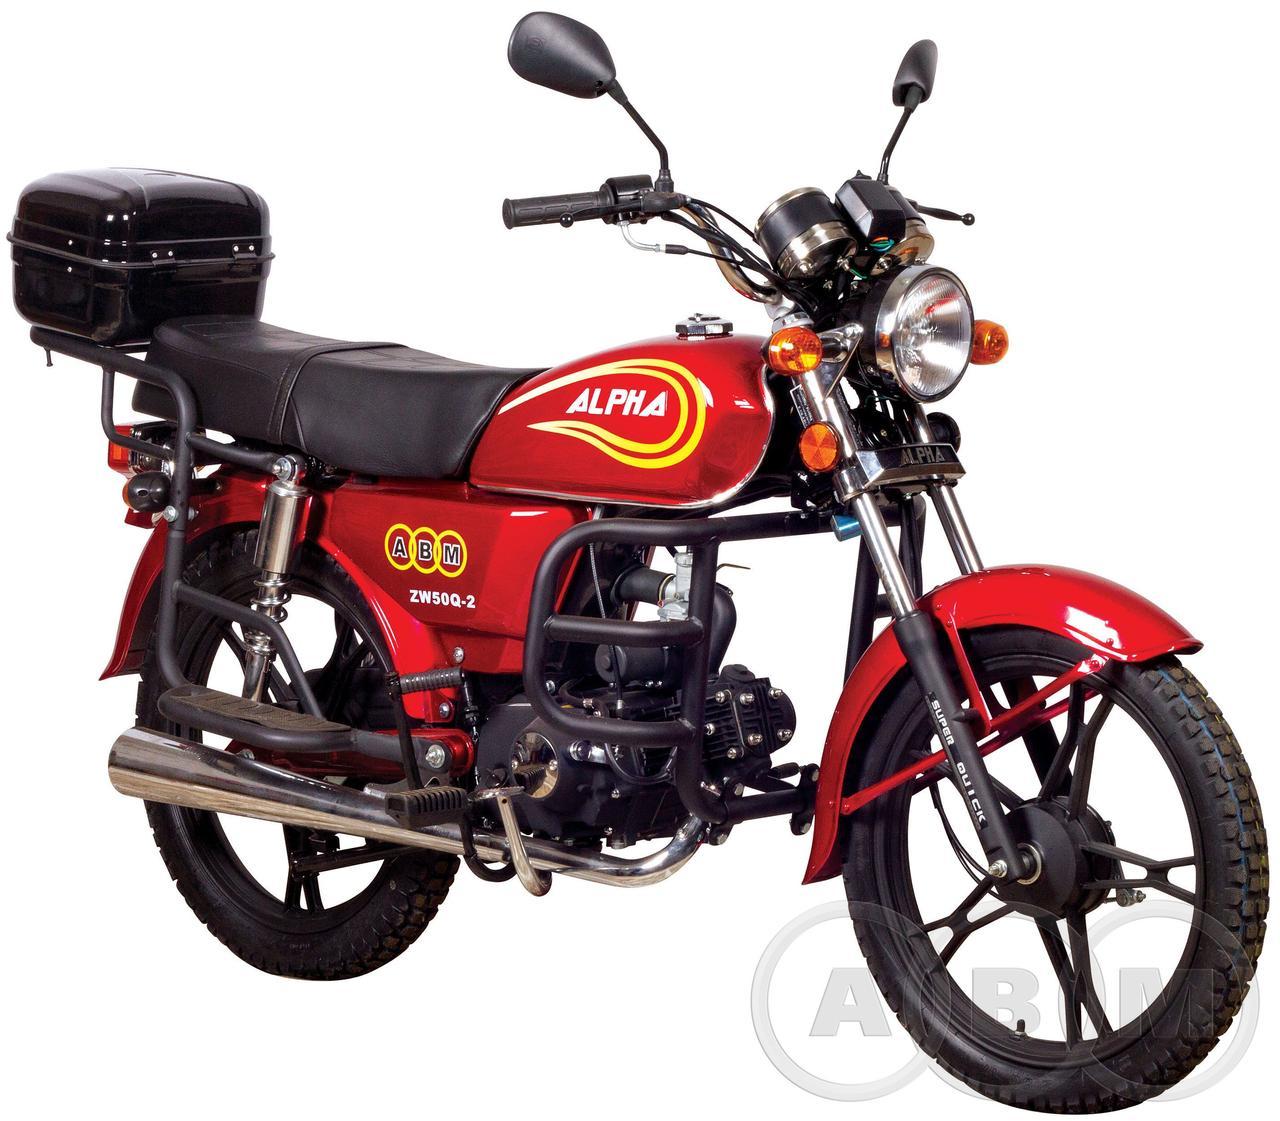 Мотоциклы объемом 50 кубов и их особенности, фото